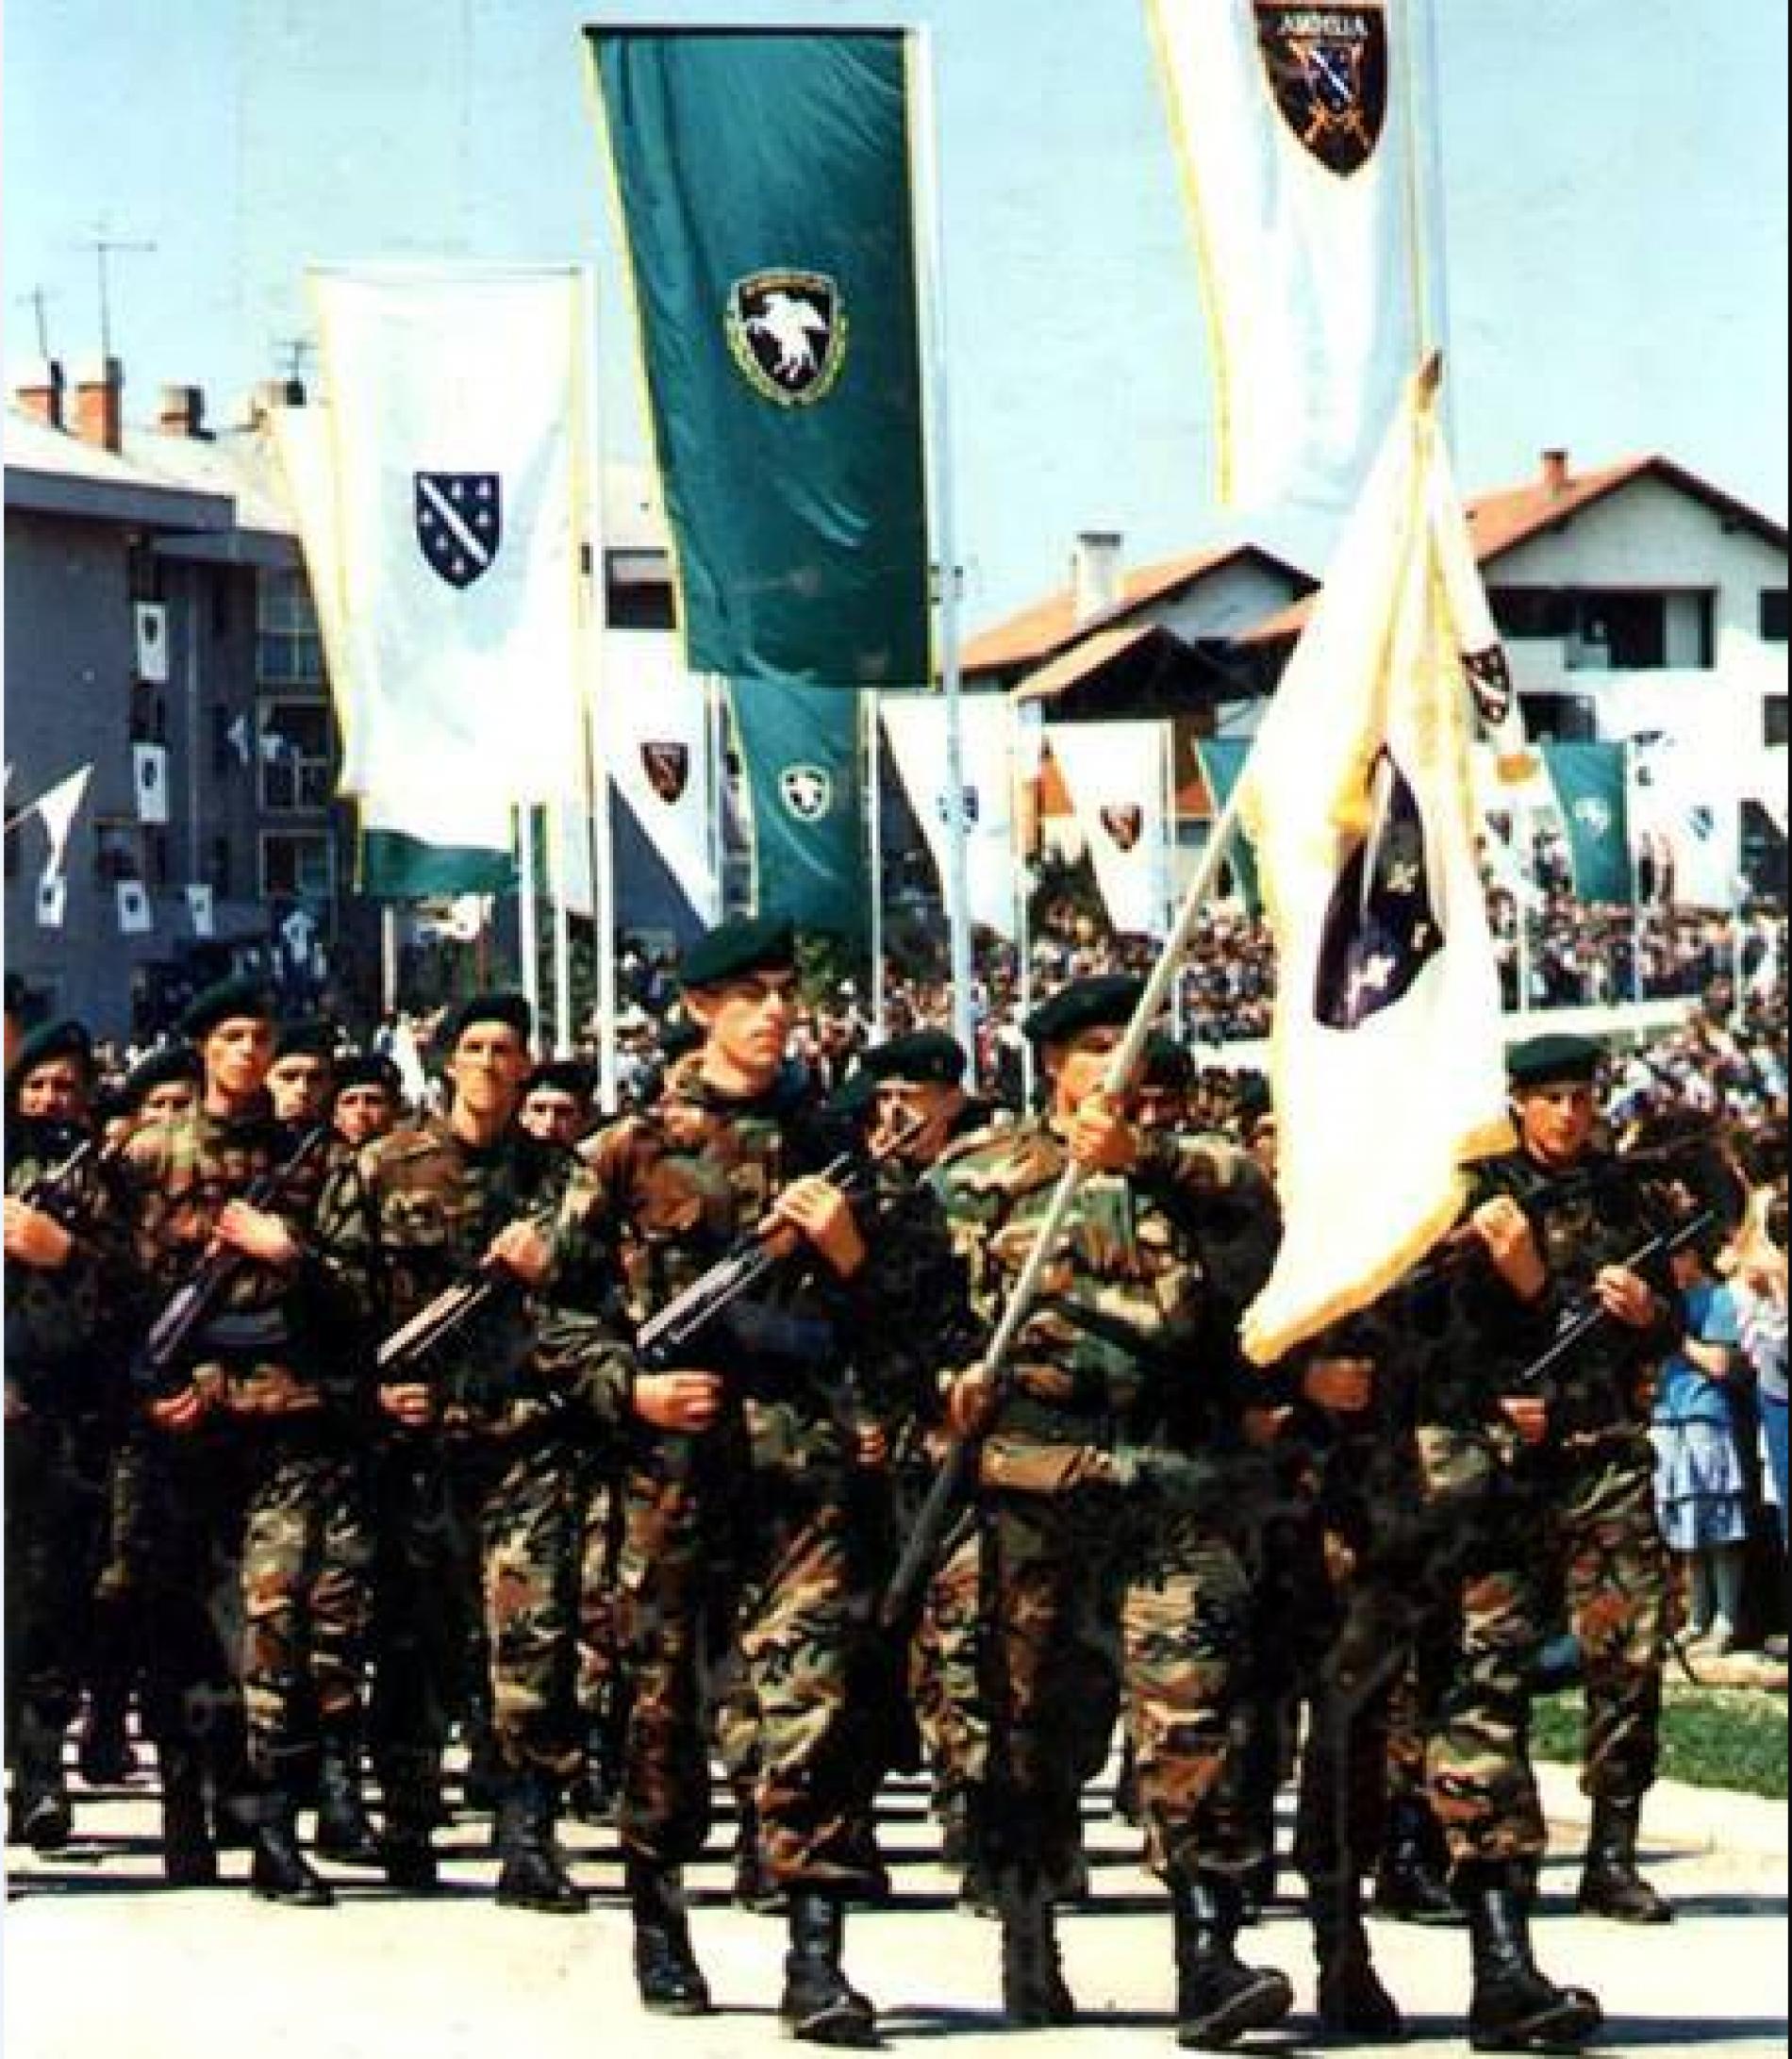 Godišnjica formiranja 5. korpusa Armije Republike Bosne i Hercegovine: Slavna historija Sile nebeske